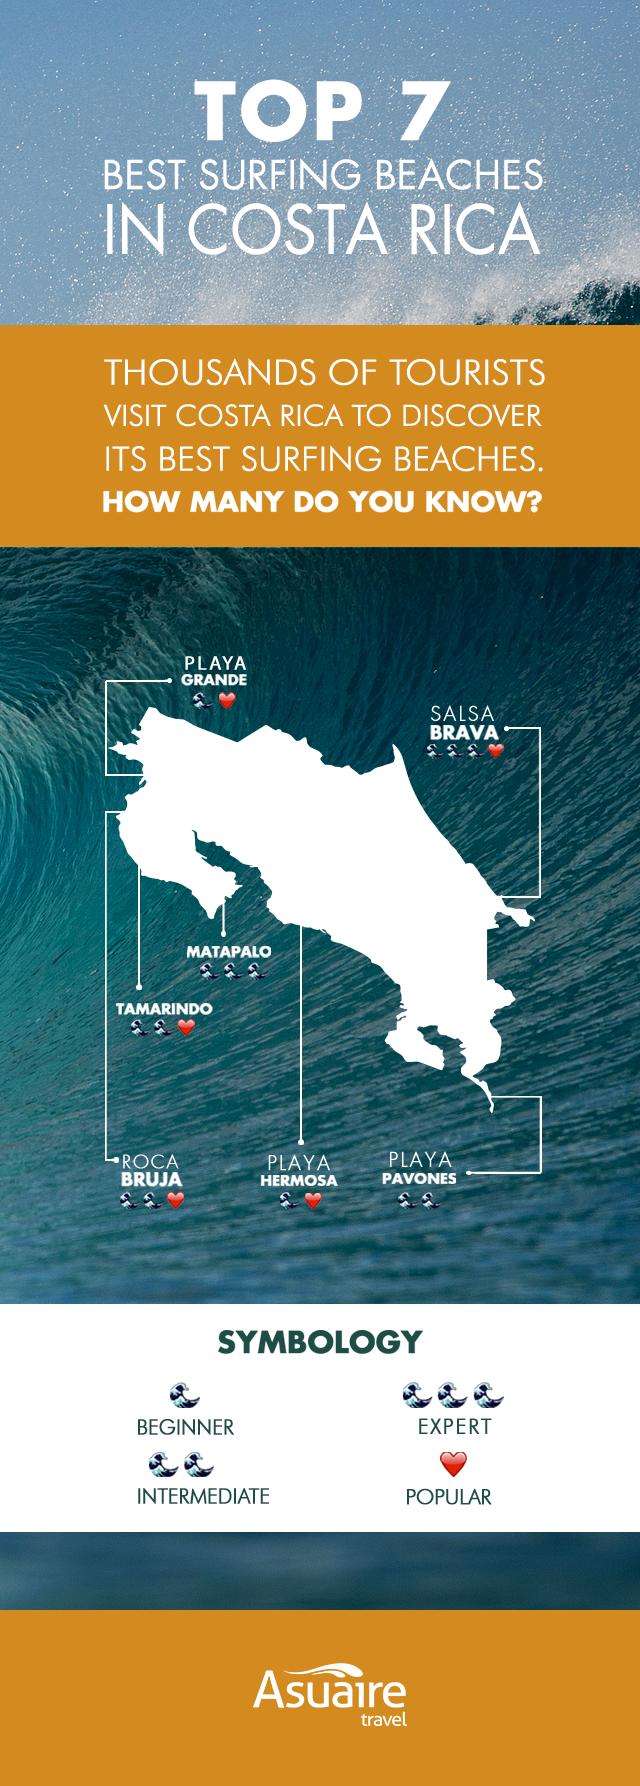 The best 7 surfing beaches in Costa Rica are: Playa Grande, Roca Bruja, Tamarindo, Matapalo, Playa Hermosa, Playa Pavones, Salsa Brava